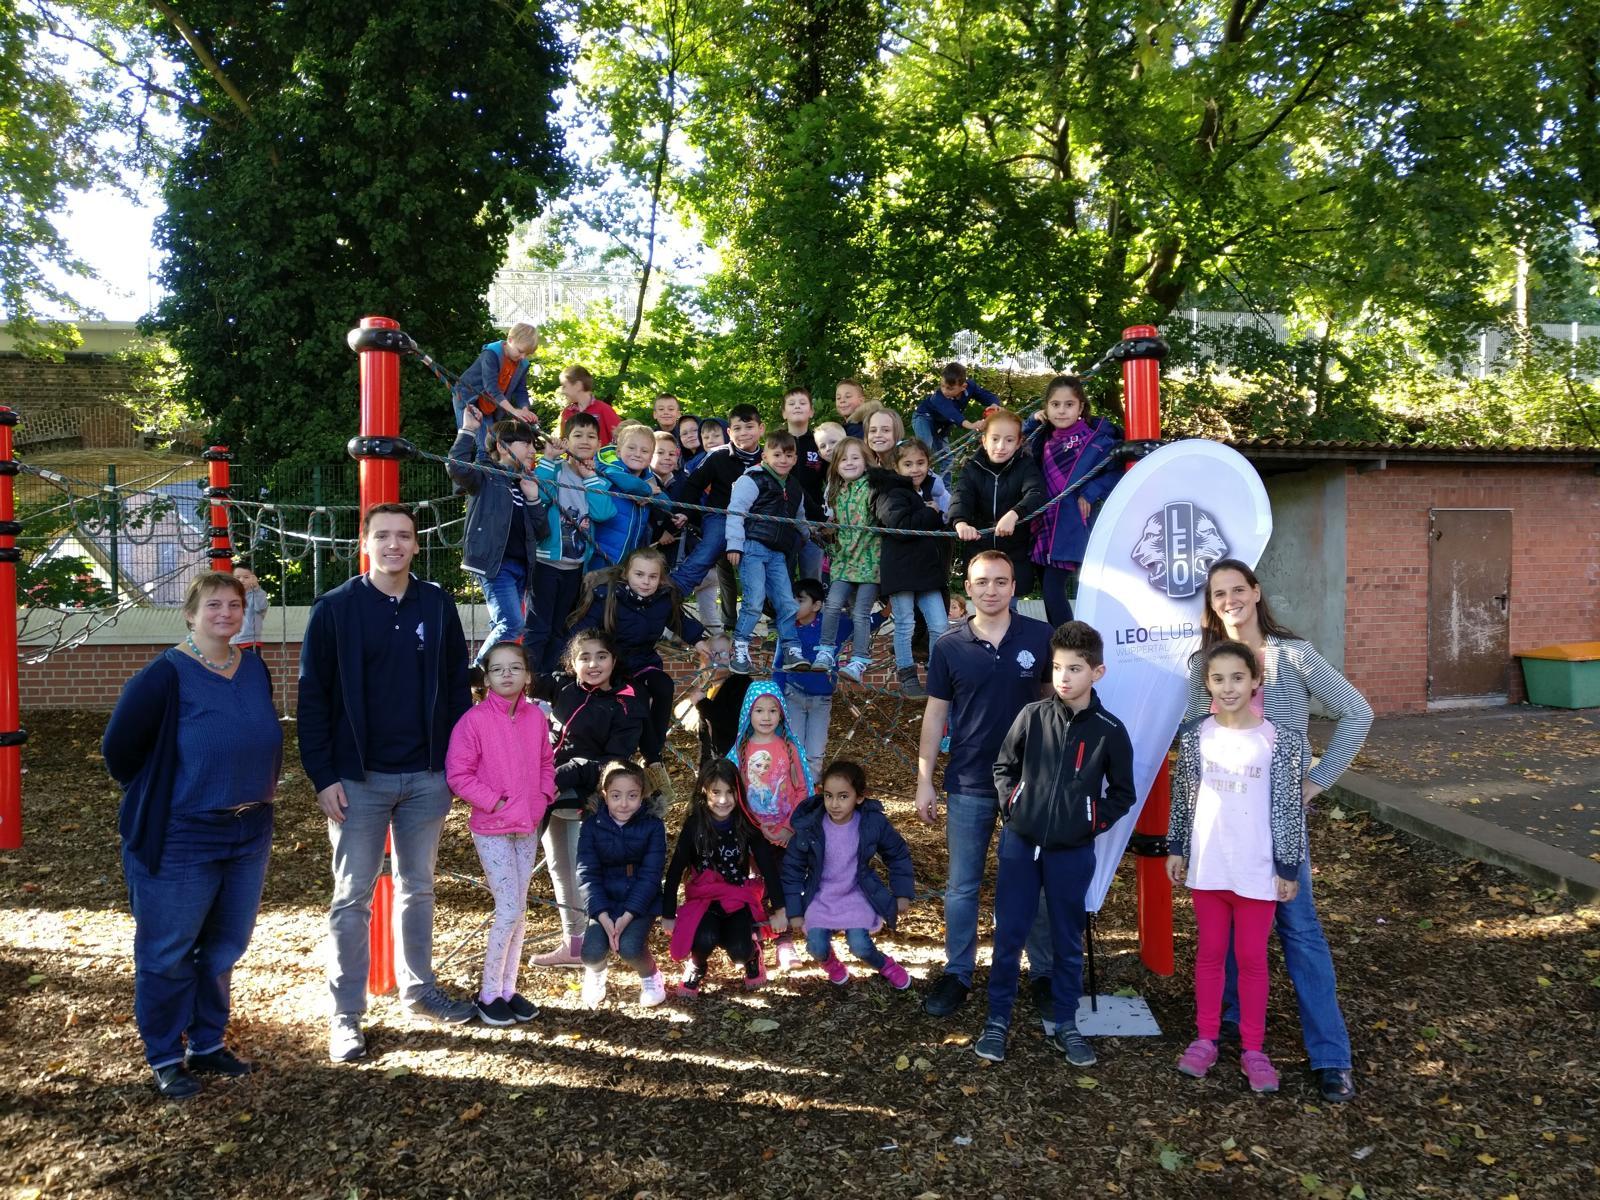 Leo-Club Wuppertal spendet 10.000 Euro an Wuppertaler Grundschulen